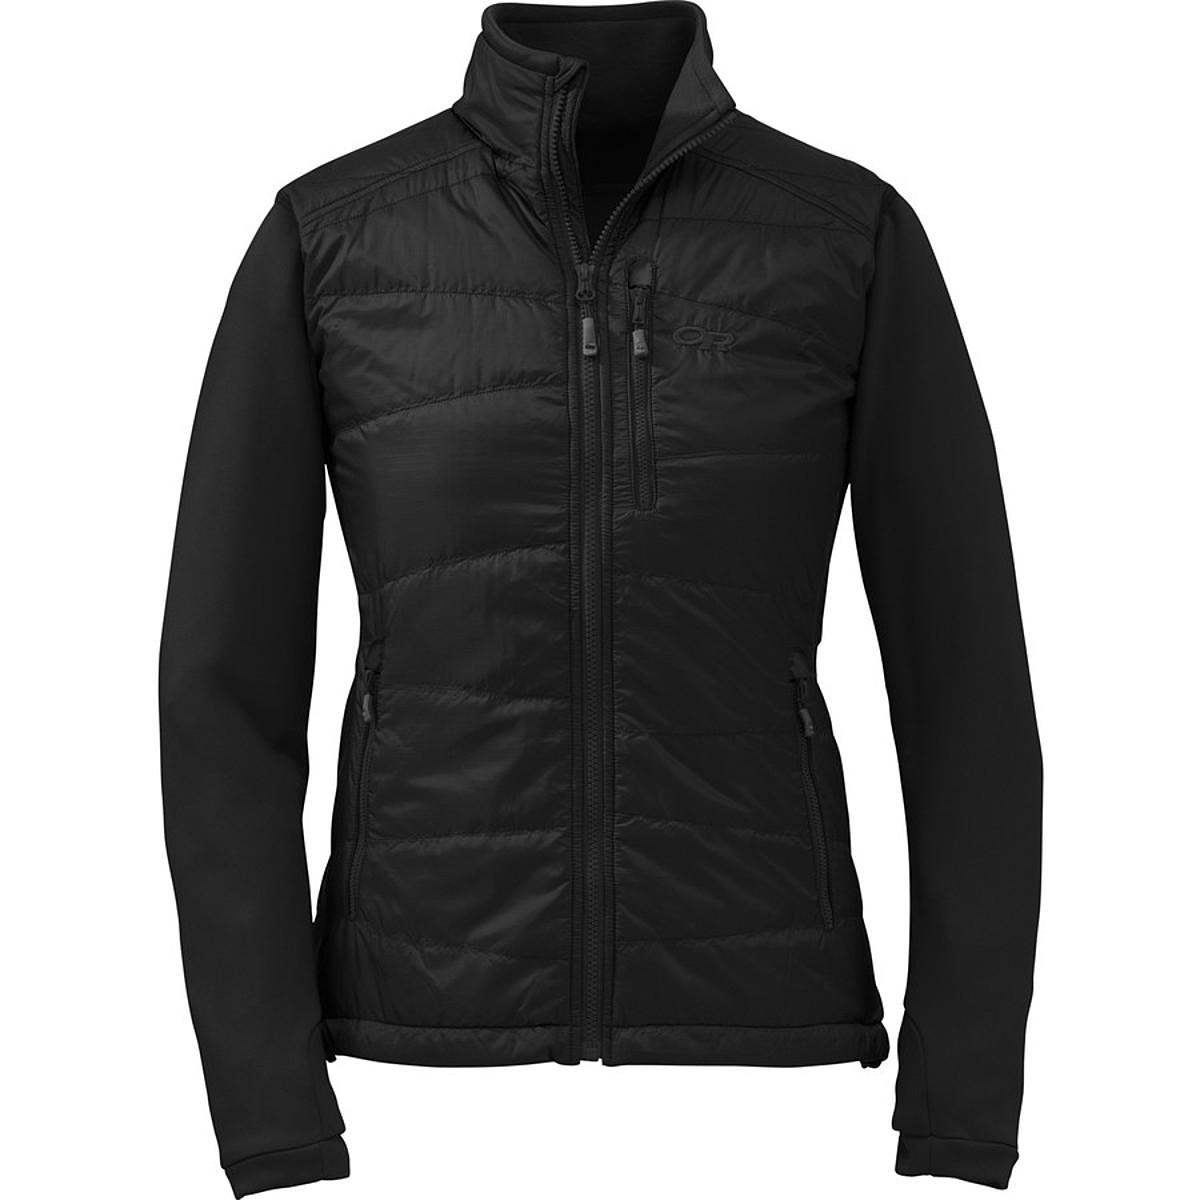 Outdoor Research Acetylene Jacket